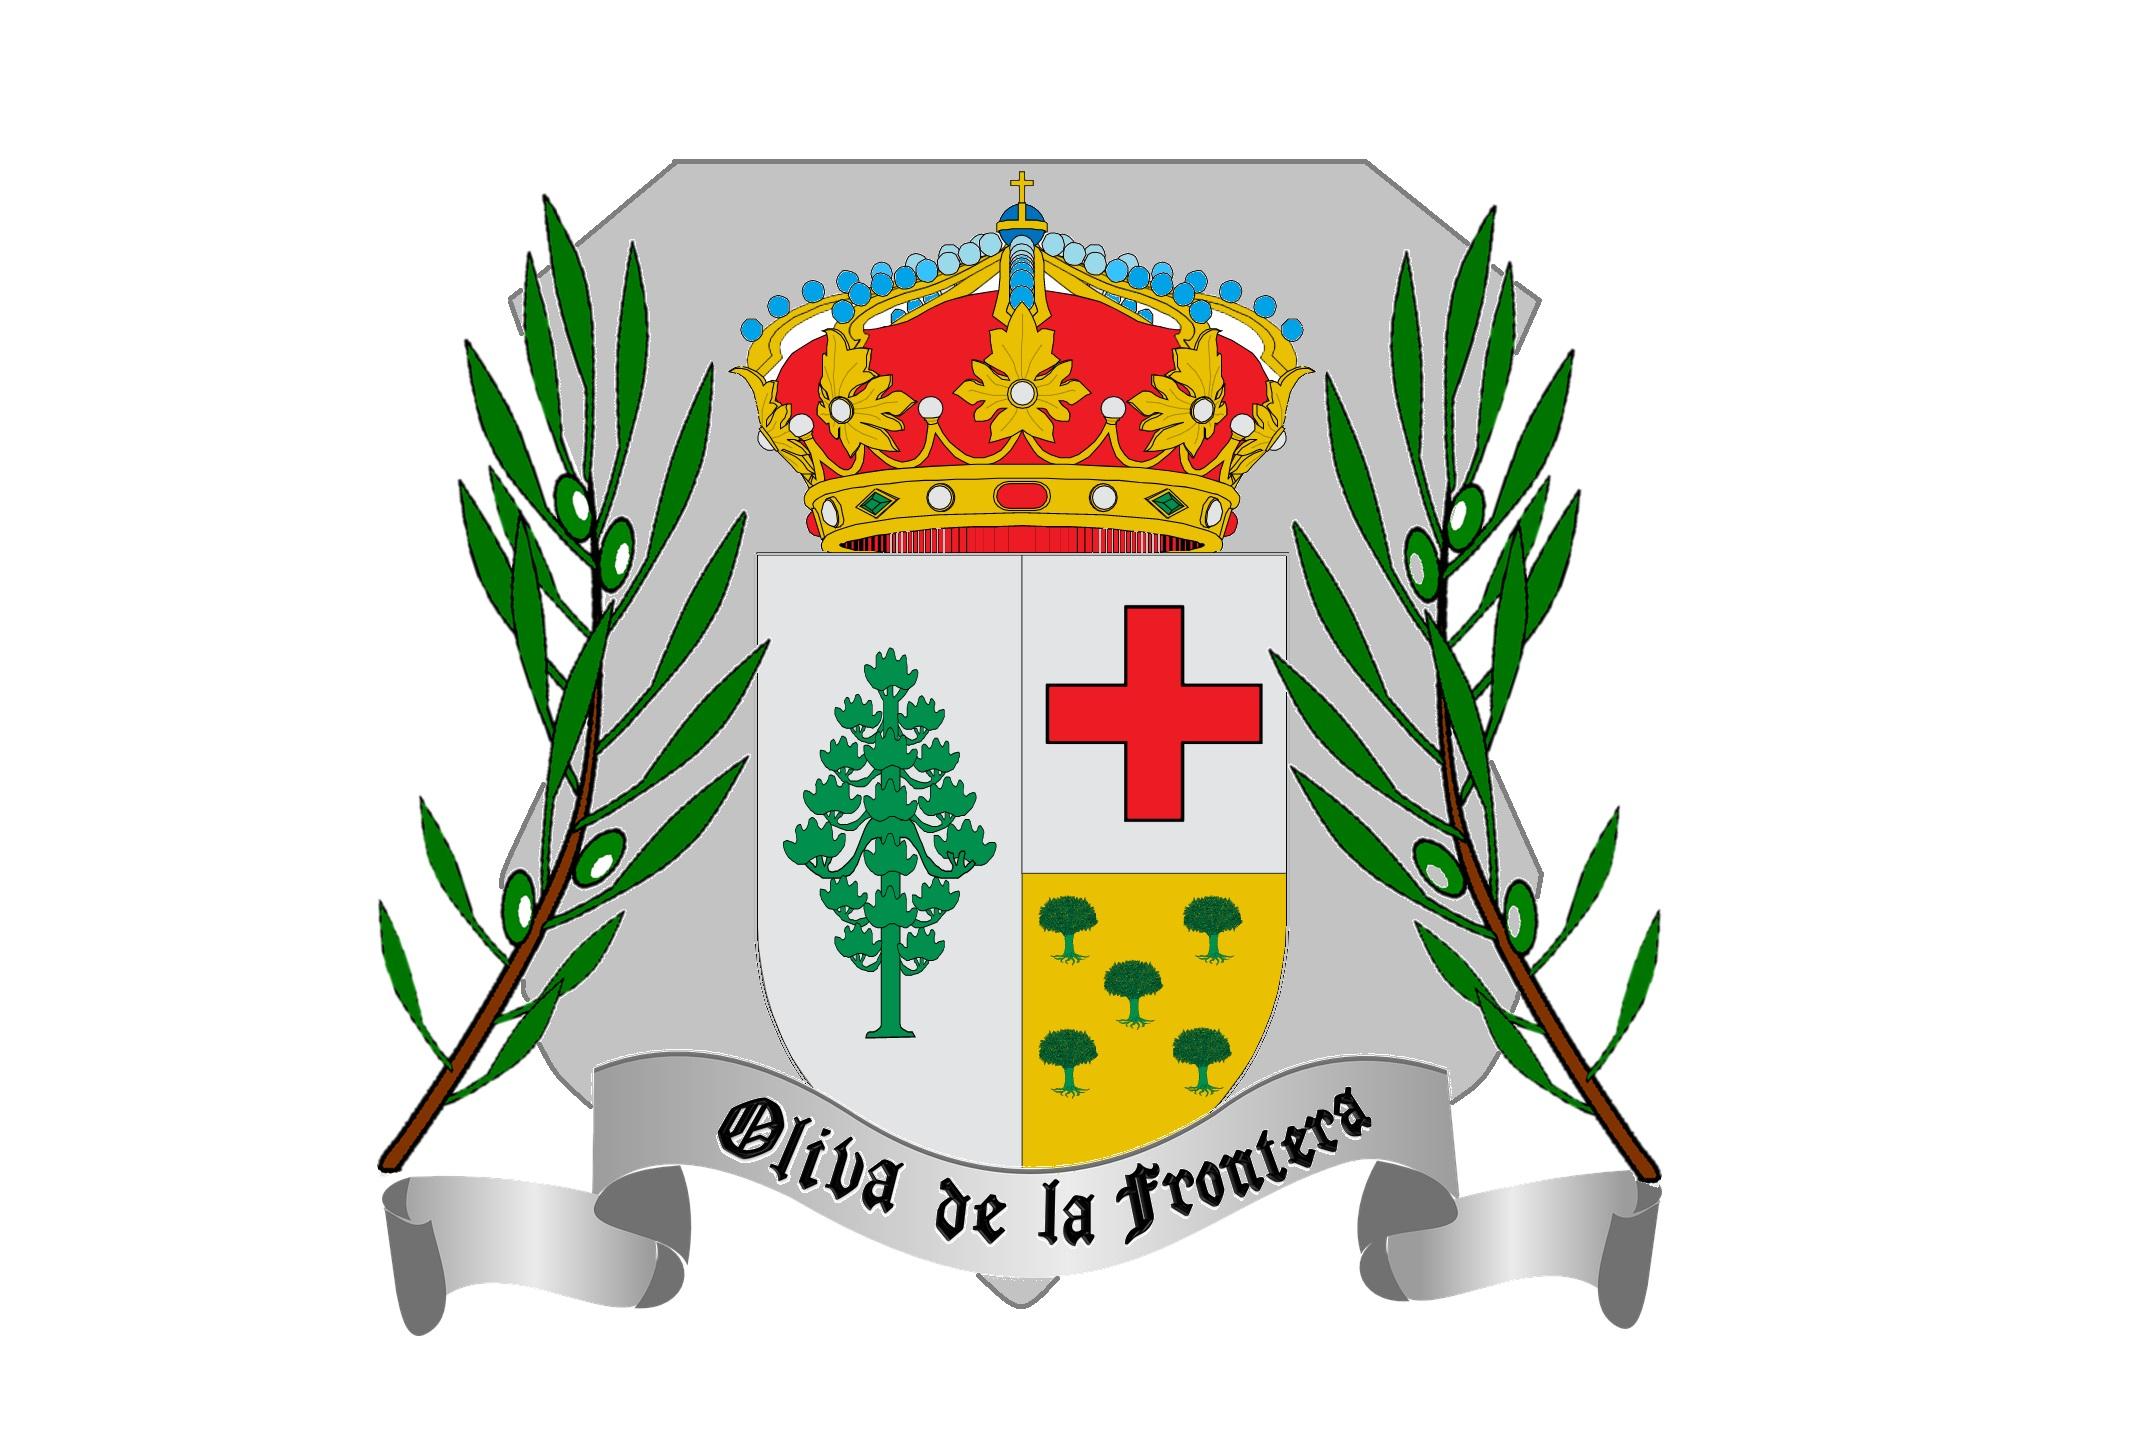 Escudo de Oliva de la Frontera